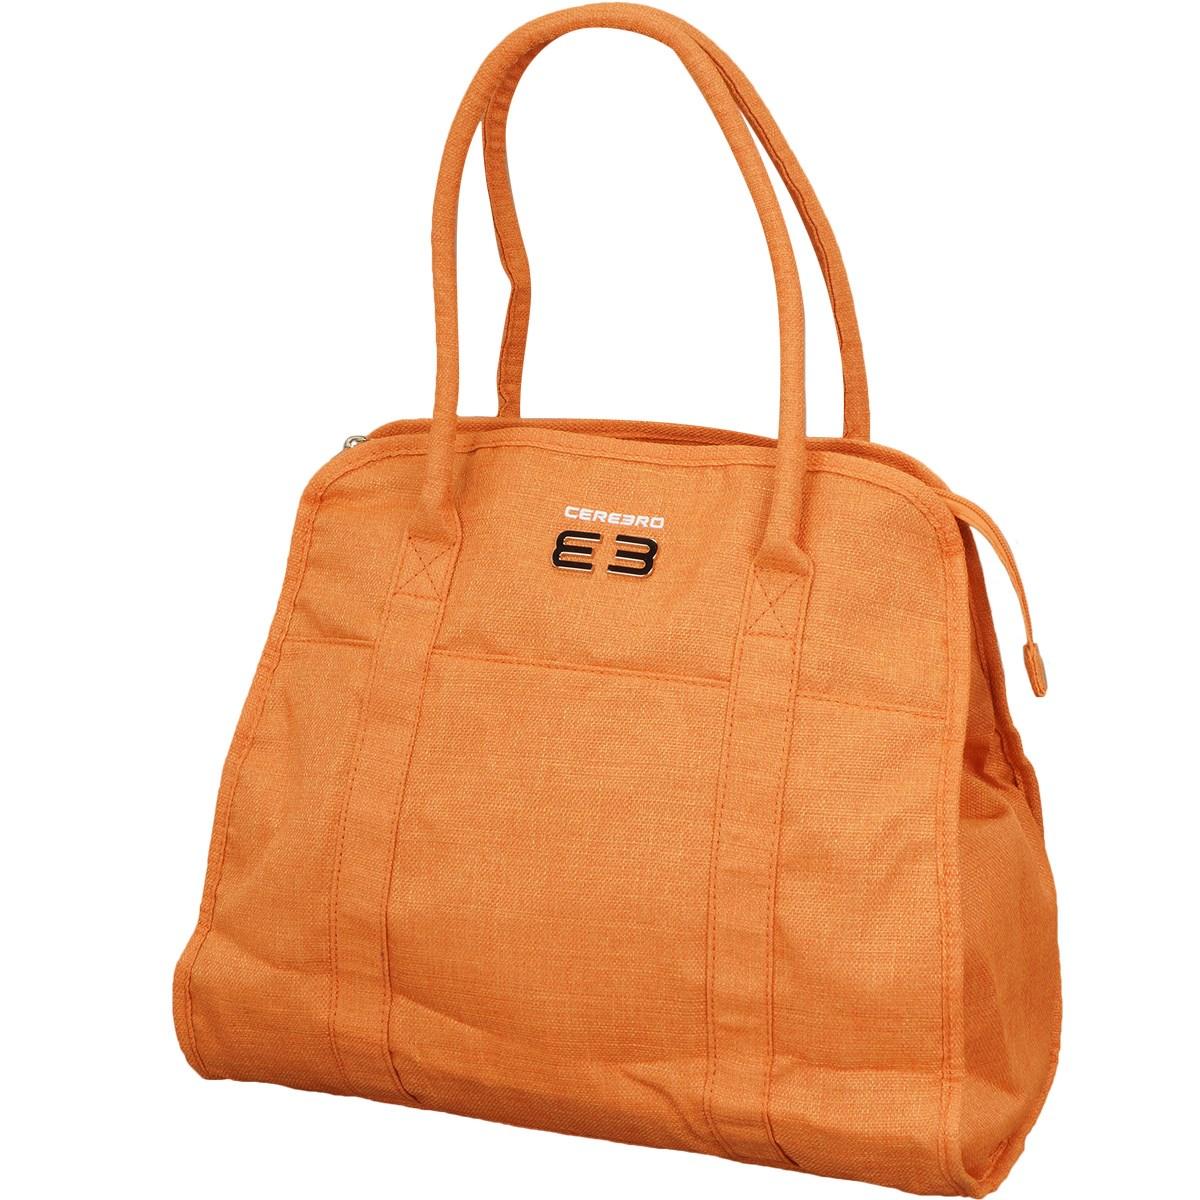 [アウトレット] [在庫限りのお買い得商品] セレブロ ボストンバッグ オレンジ メンズ ゴルフ